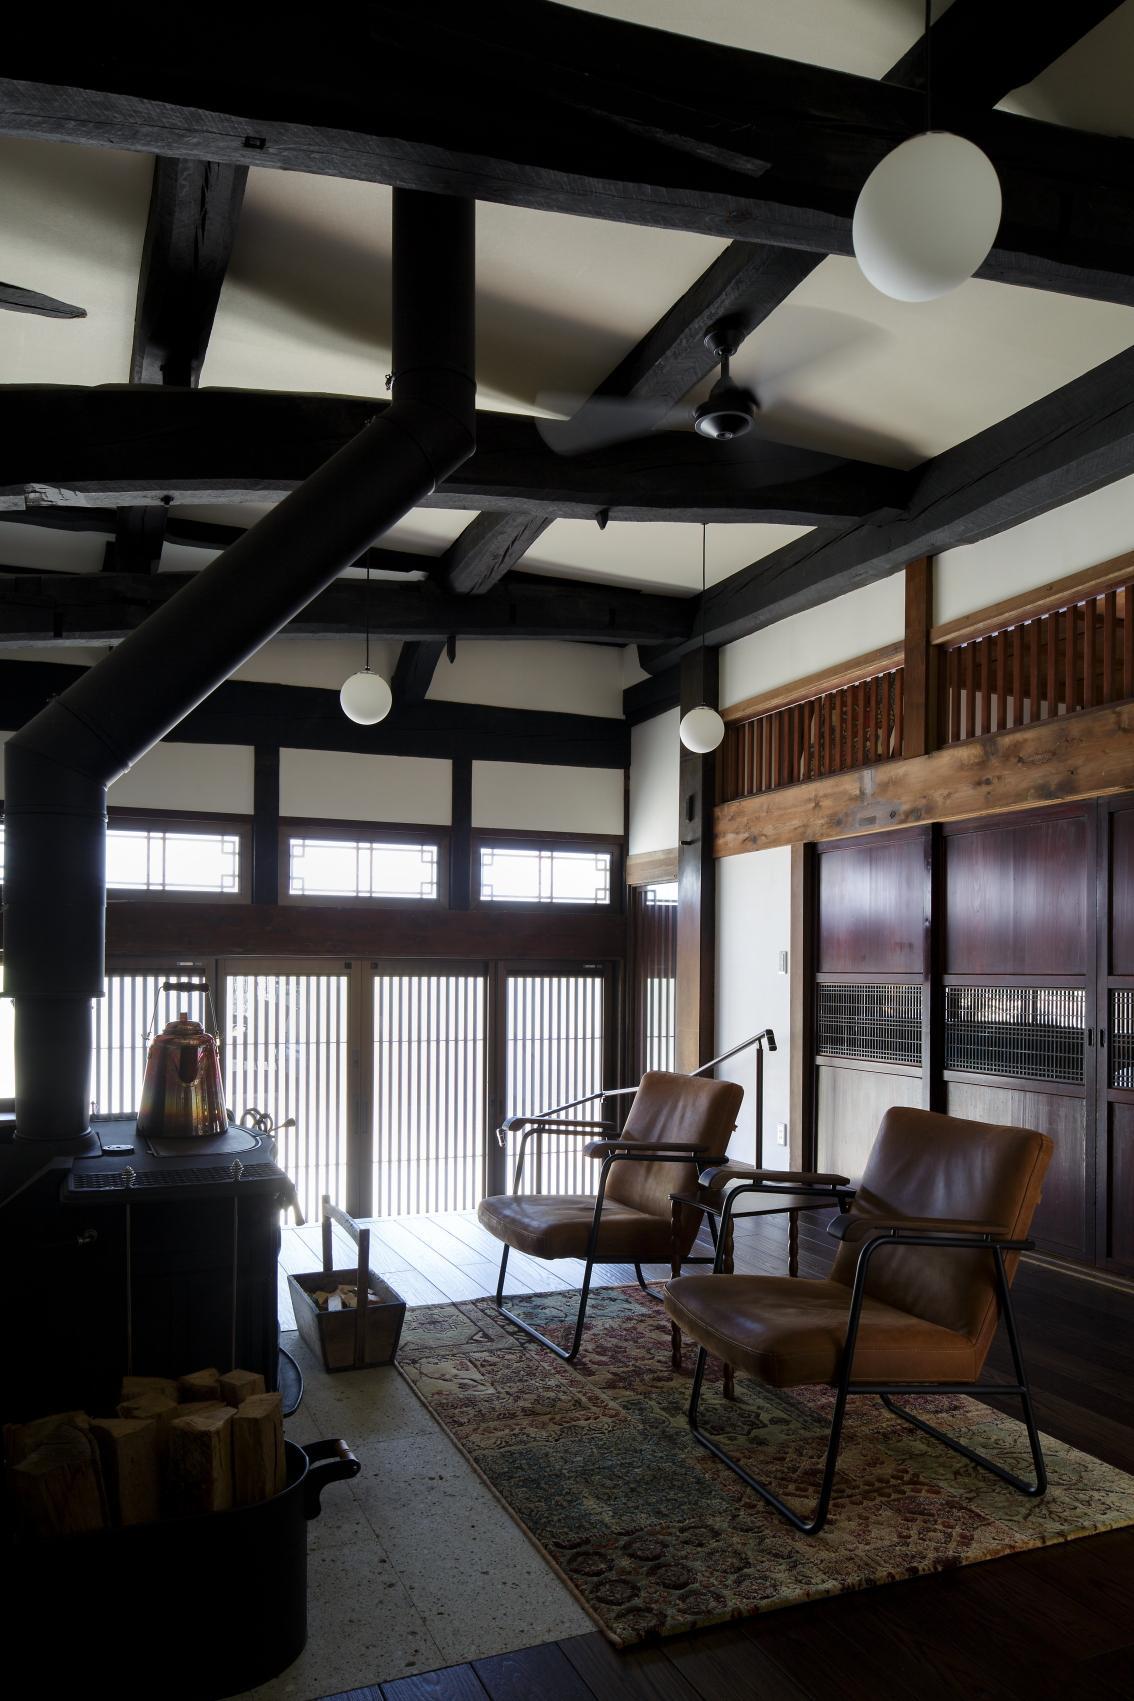 天井を取り払い、梁を現した開放感あふれるホールに薪ストーブを設置。床材は古式ゆかしい空間にしっくりとあう落ち着いた色合いのなぐり調フロアを使用した。